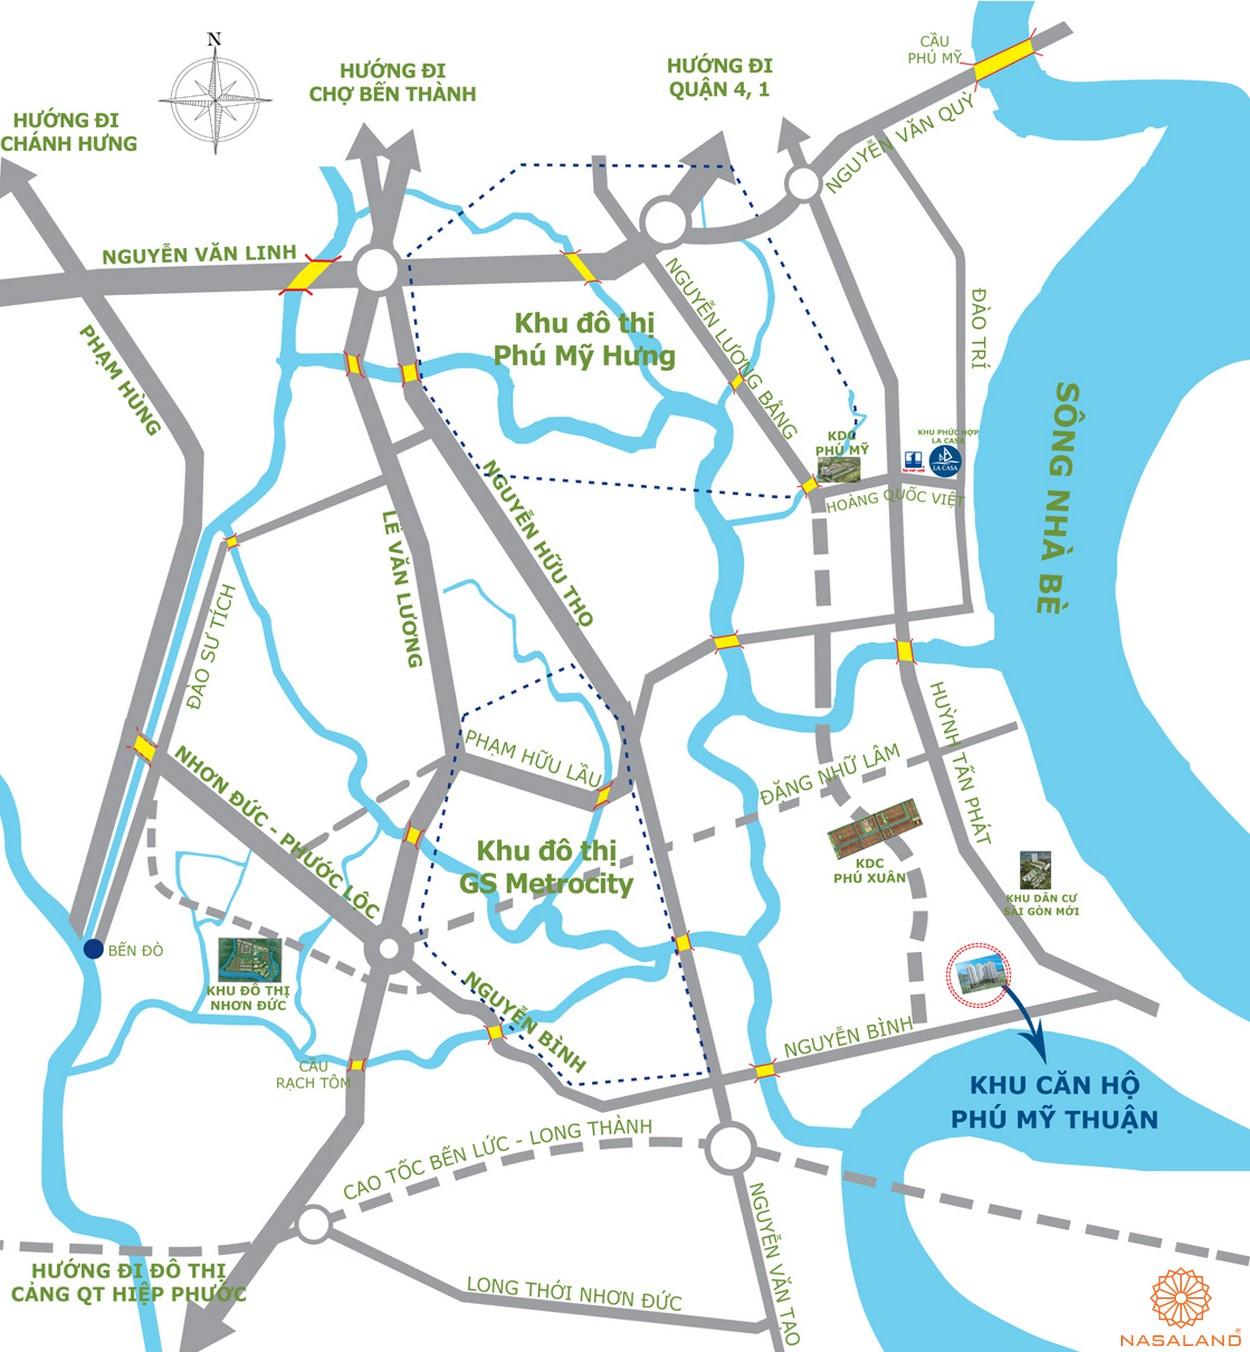 Chủ đầu tư Phú Mỹ Thuận - Vị trí dự án căn hộ Phú Mỹ Thuận